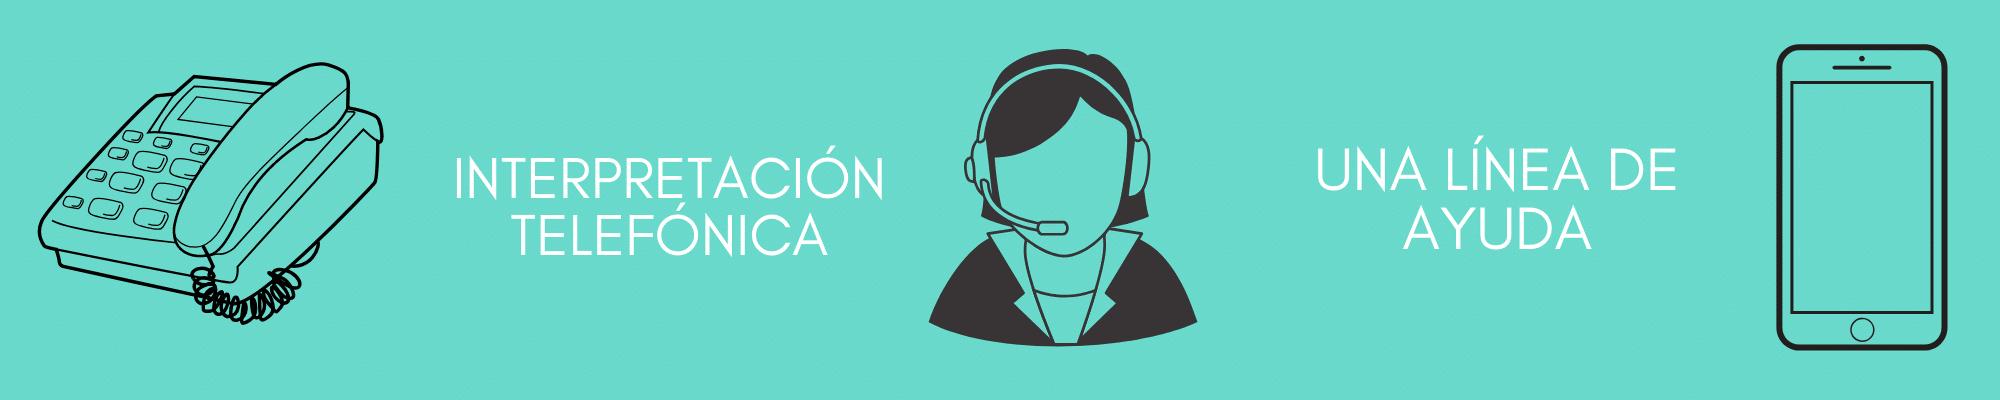 interpretación telefónica opción de comunicación multilingüe a distancia